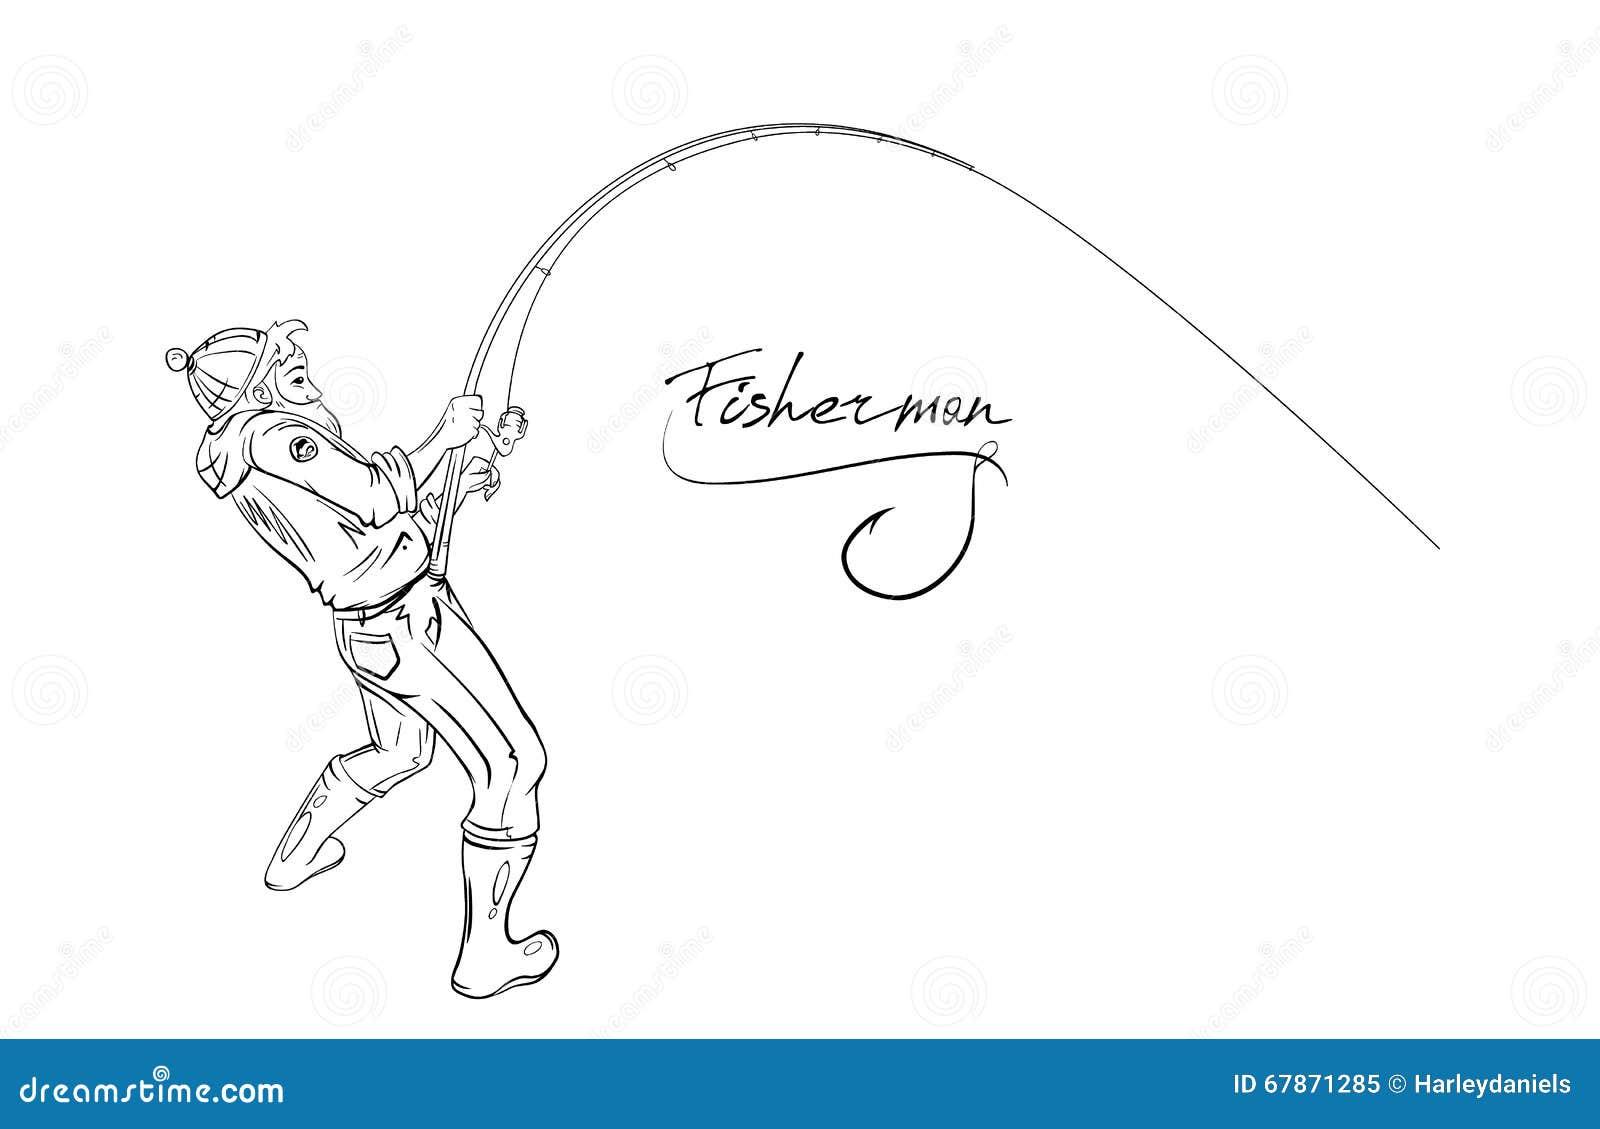 Croquis de p cheur de dessin de main illustration de - Dessin pecheur ...